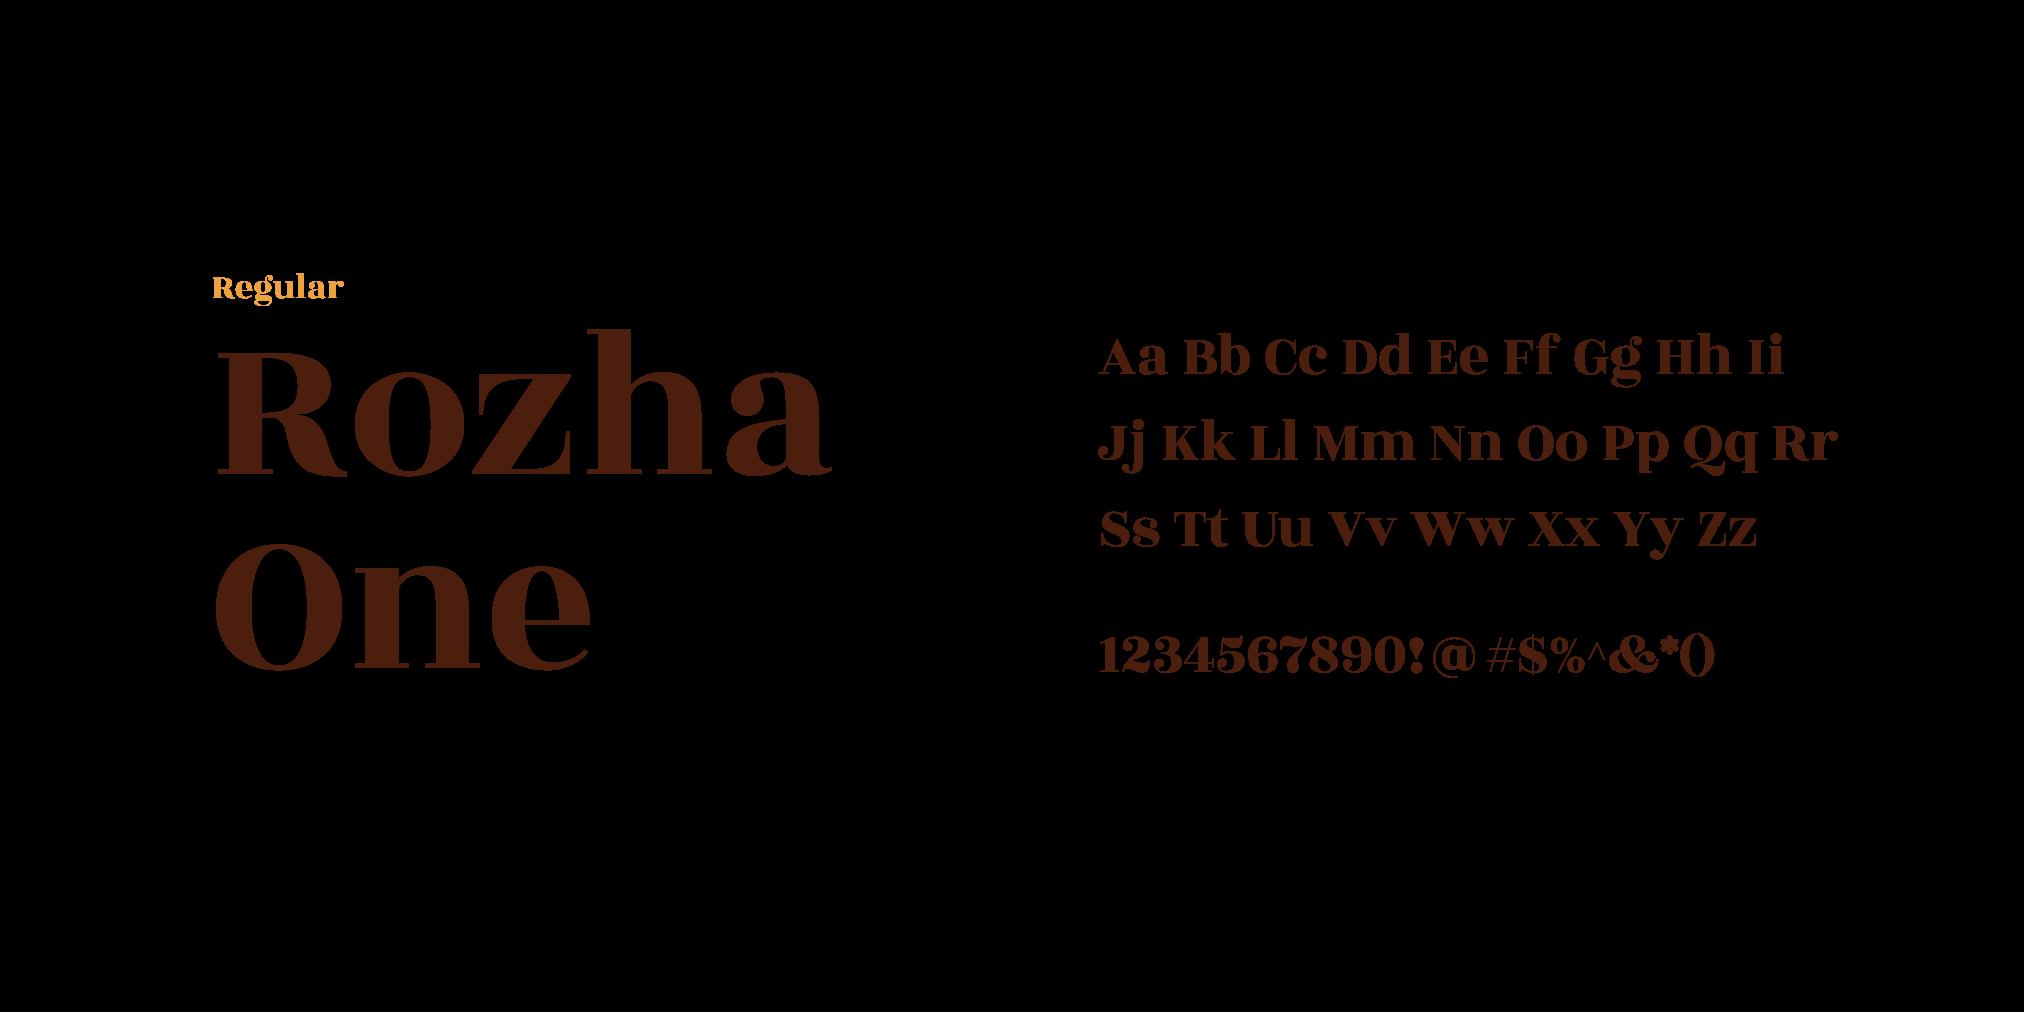 Rozha One